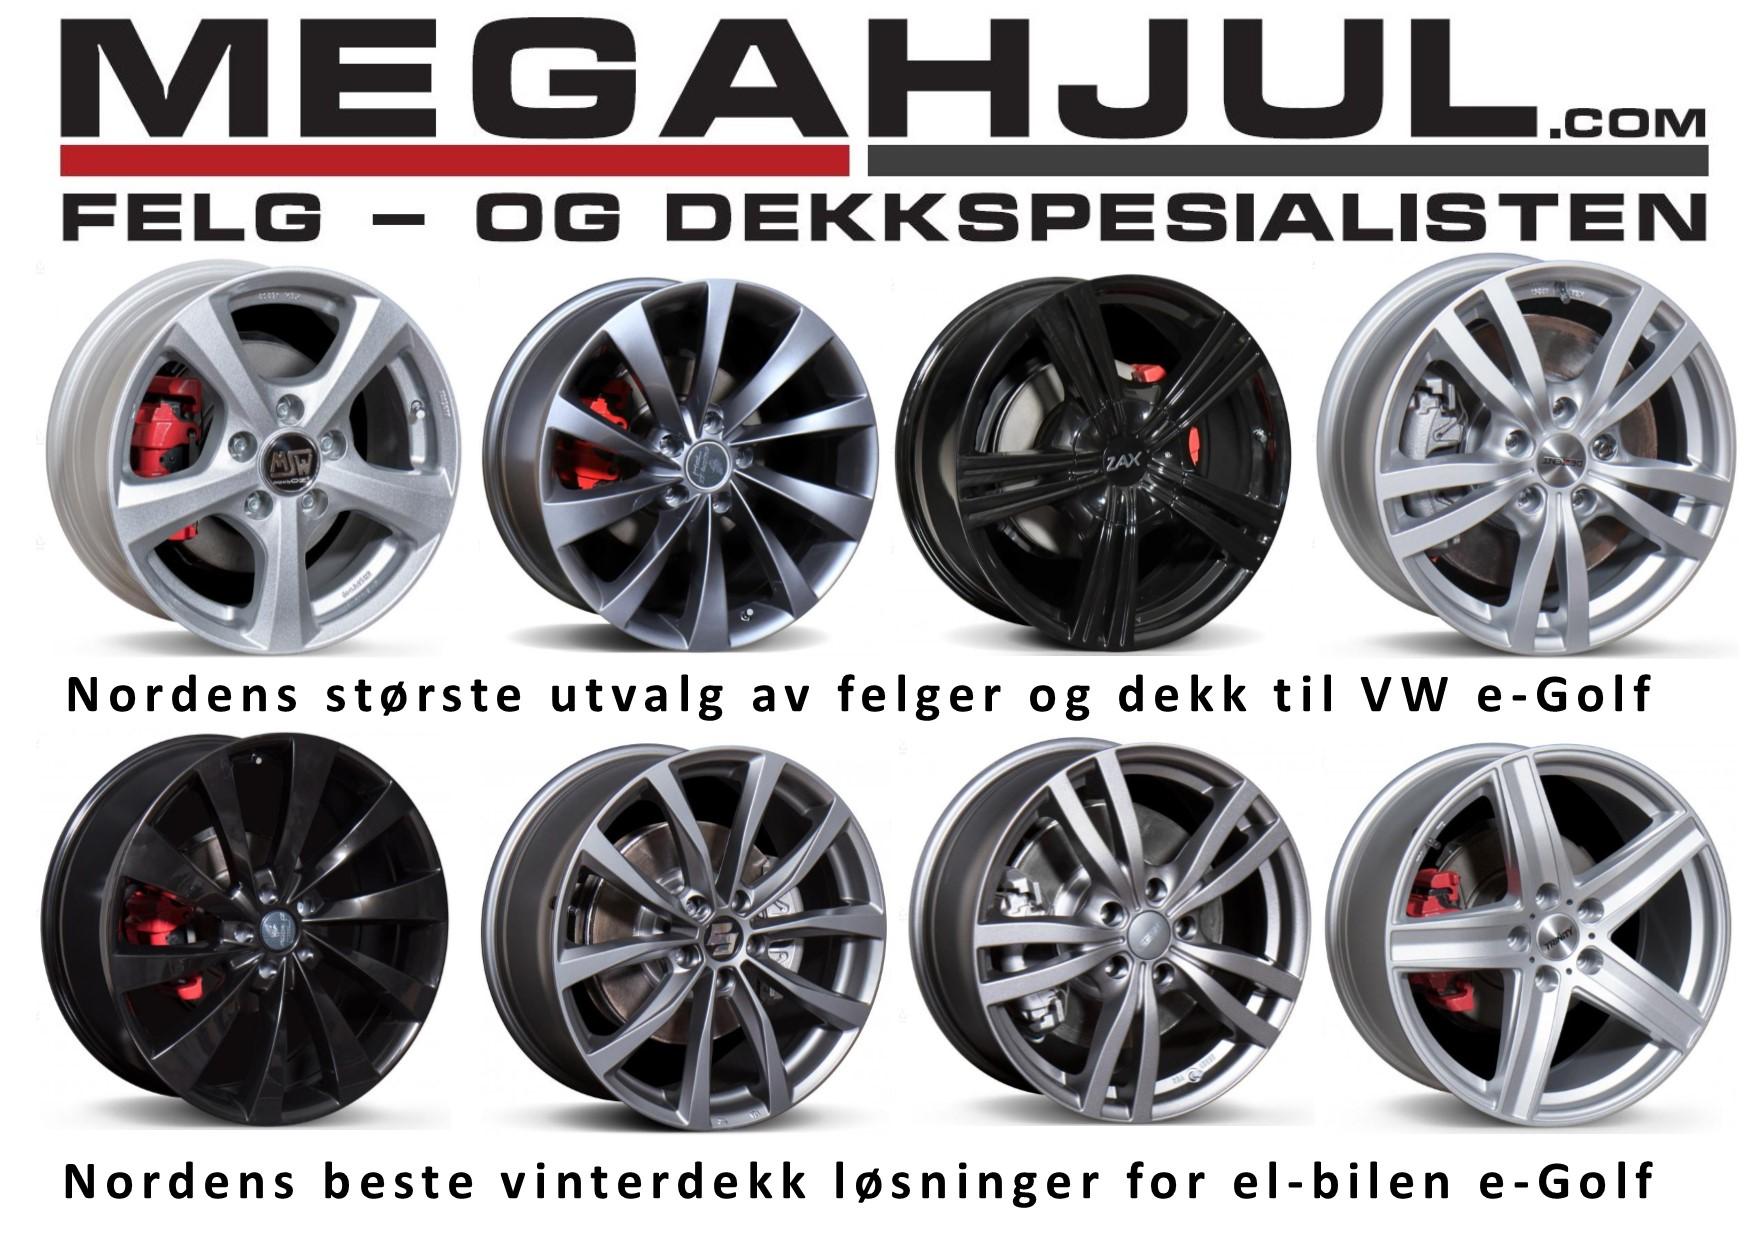 dekk-og-felg-sarpsborg-billig-tilbud-elbil-dekk-vinterdekk-hjulpakker